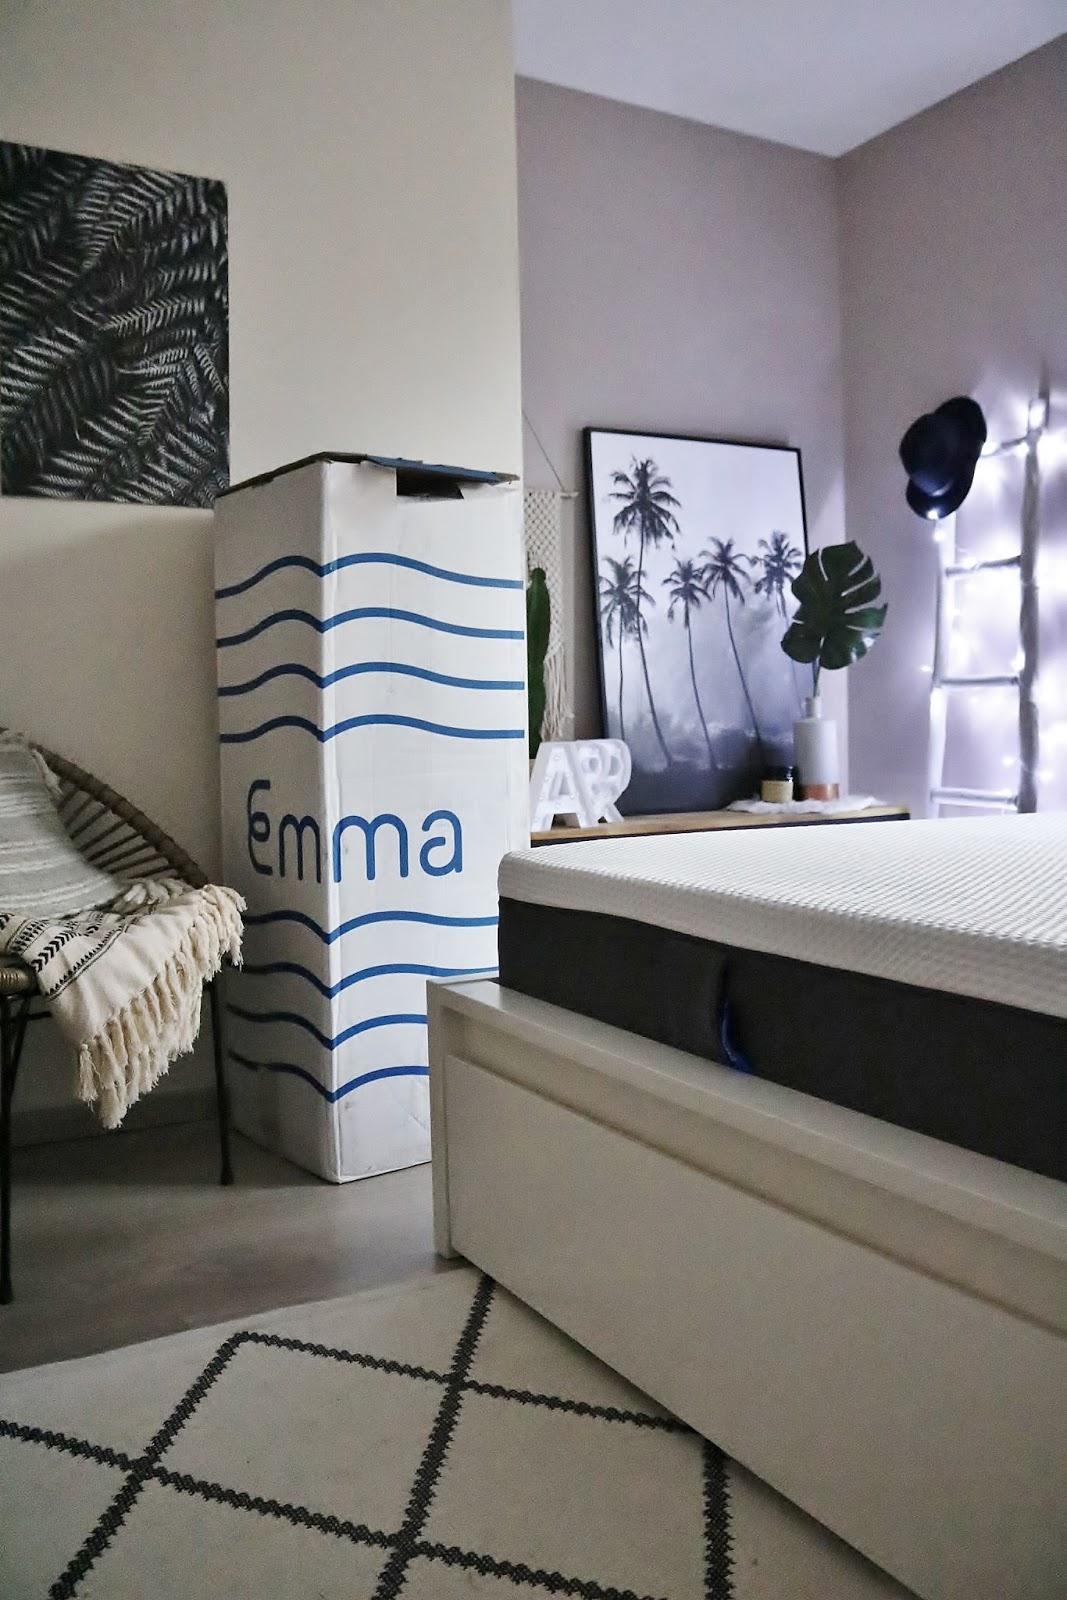 matelas-emma-pauline-dress-confort-memoire-de-forme-besancon-chambre-room-tour